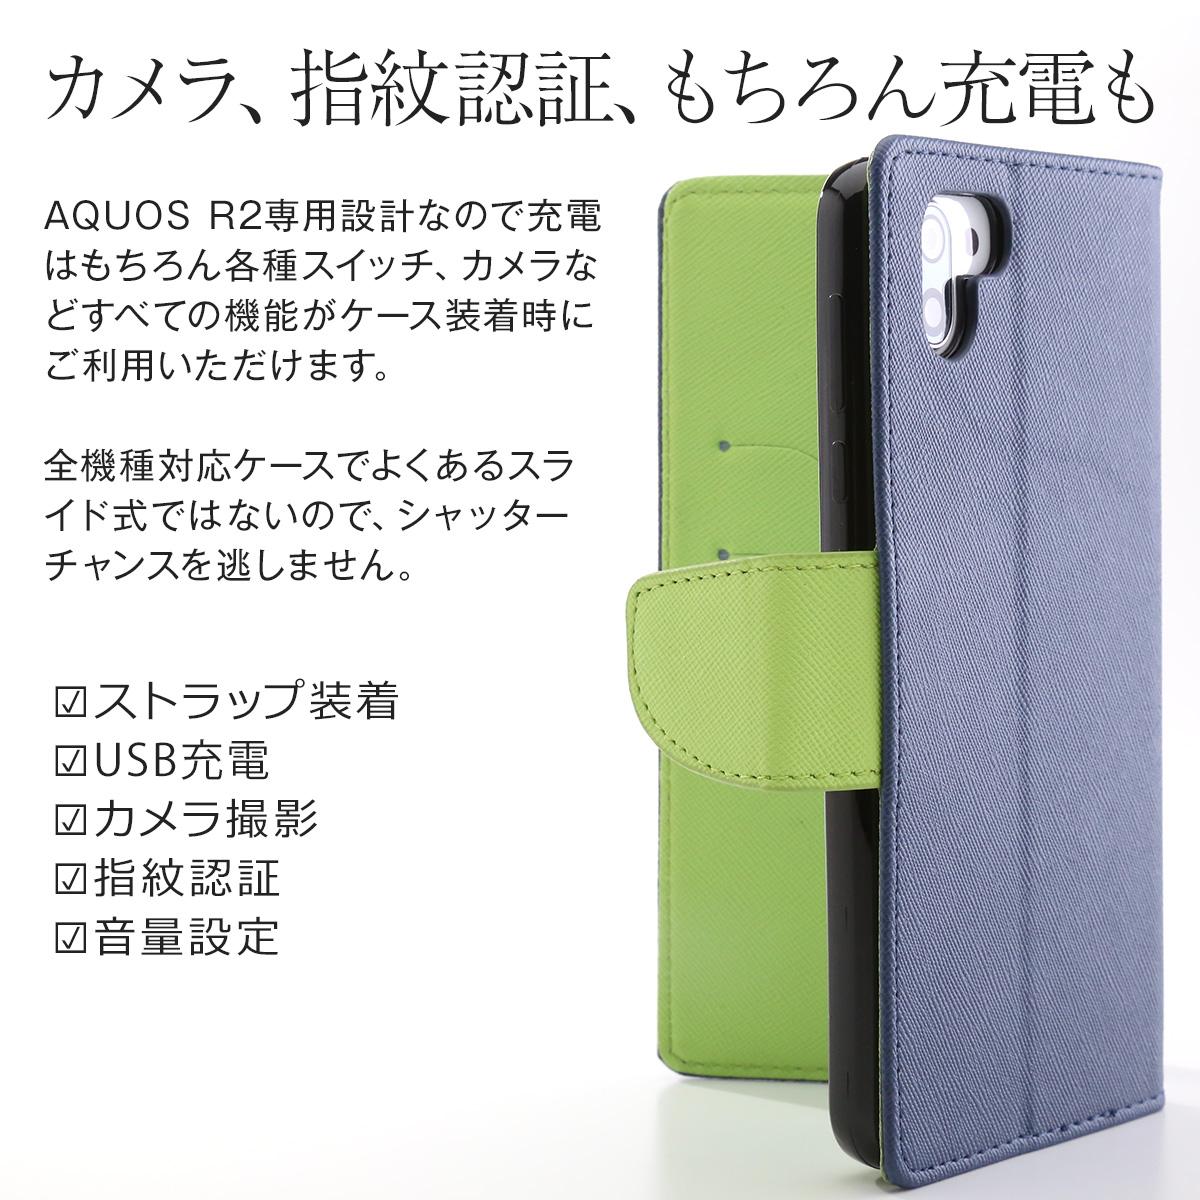 AQUOS R2 コンビネーションカラー手帳型ケース